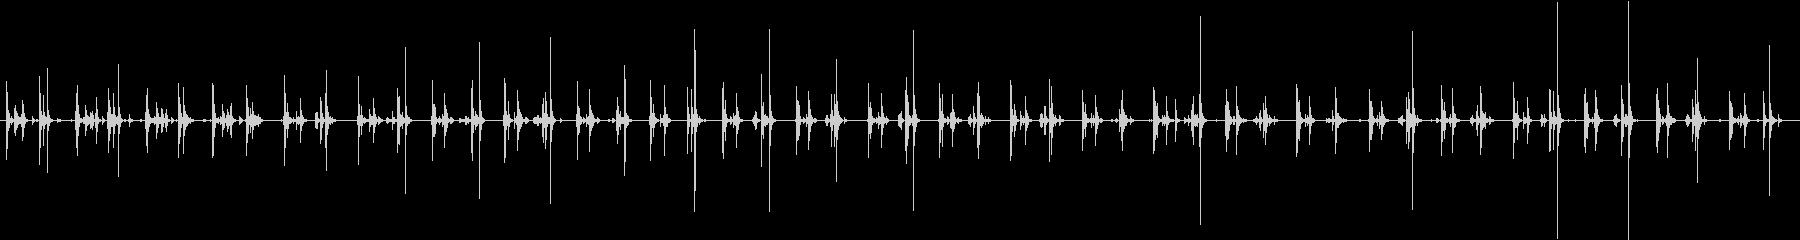 ロッキングチェア、ウッドフロア、バ...の未再生の波形